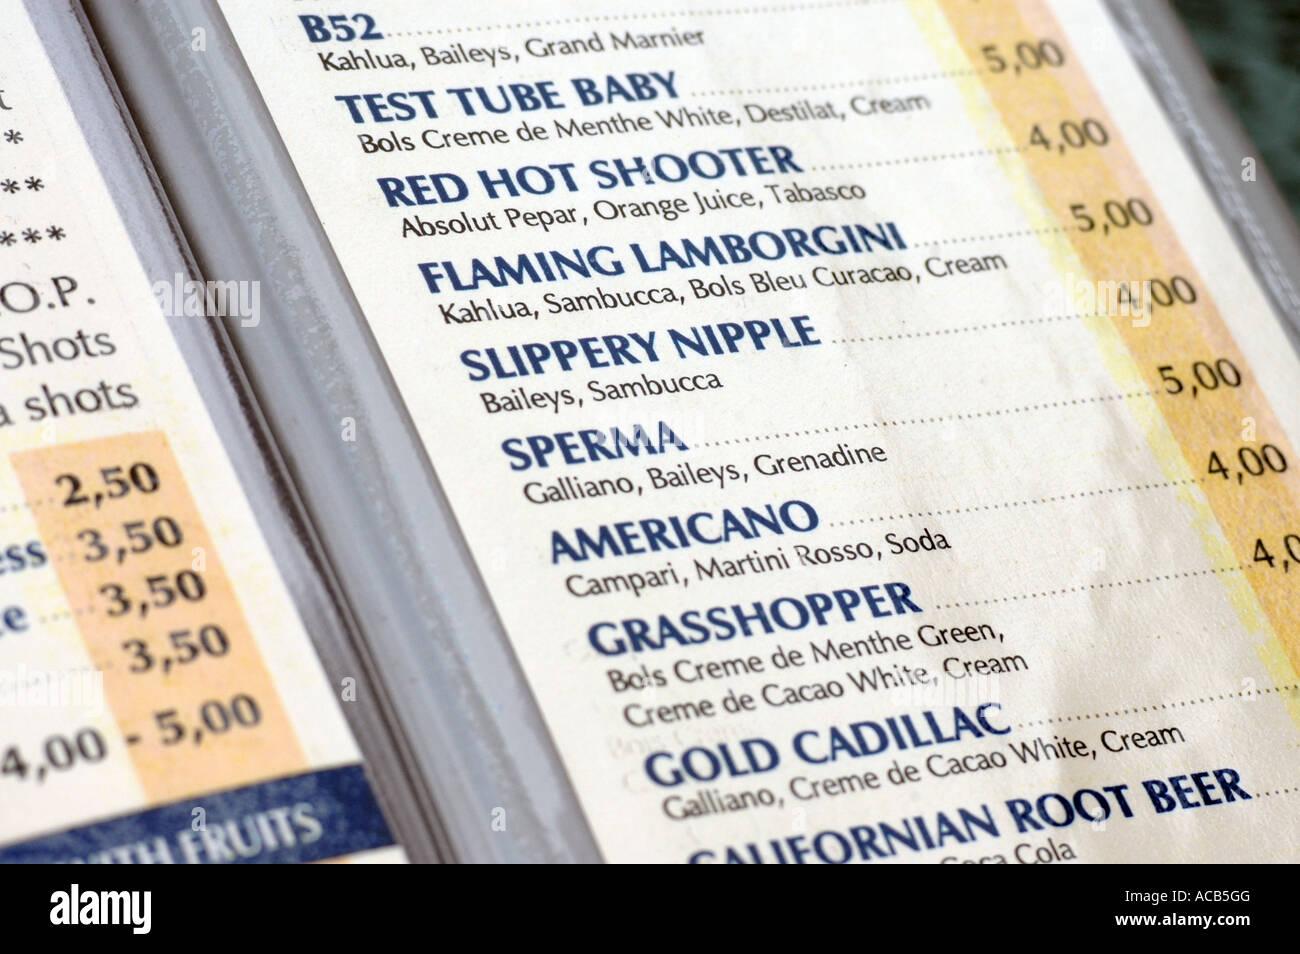 Menü mit Liste der Getränke und Preise in Euro-Währung Stockfoto ...